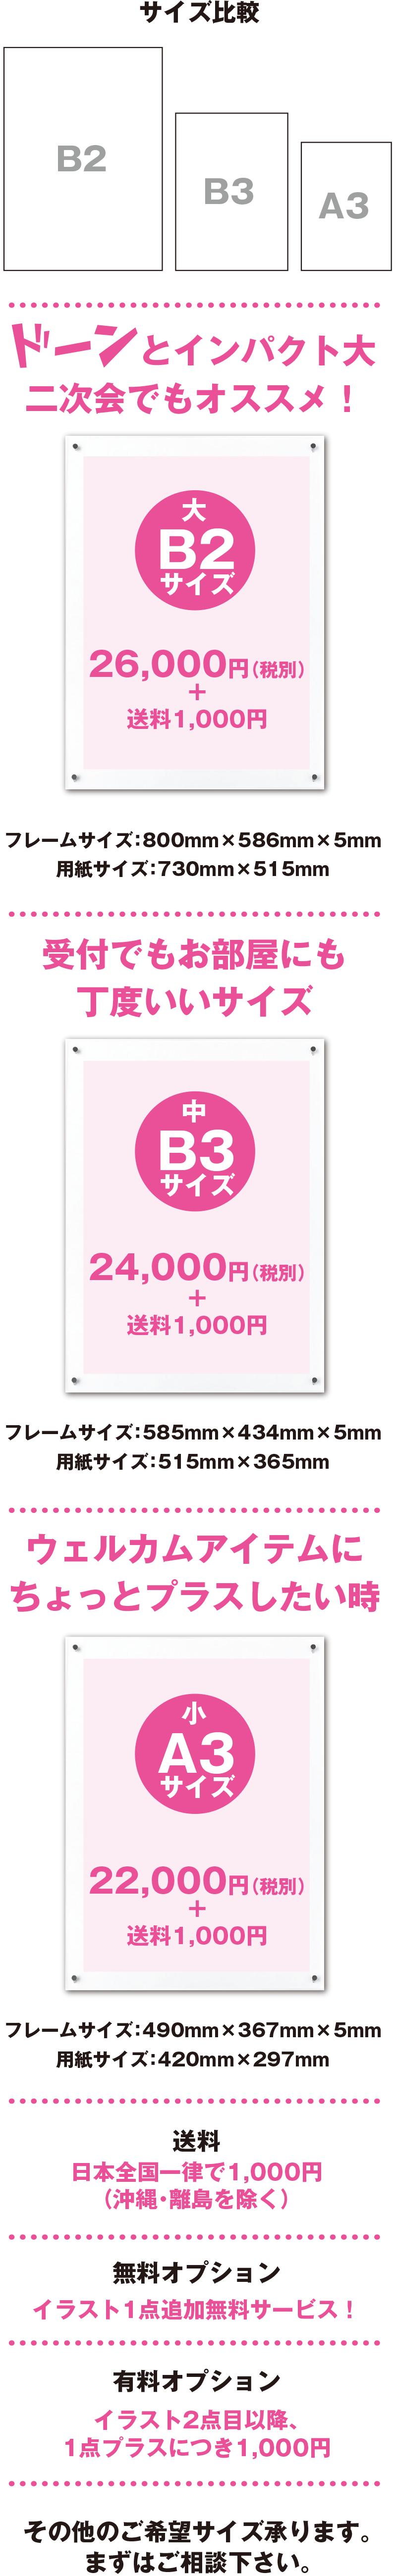 価格はA3サイズで22,000円〜